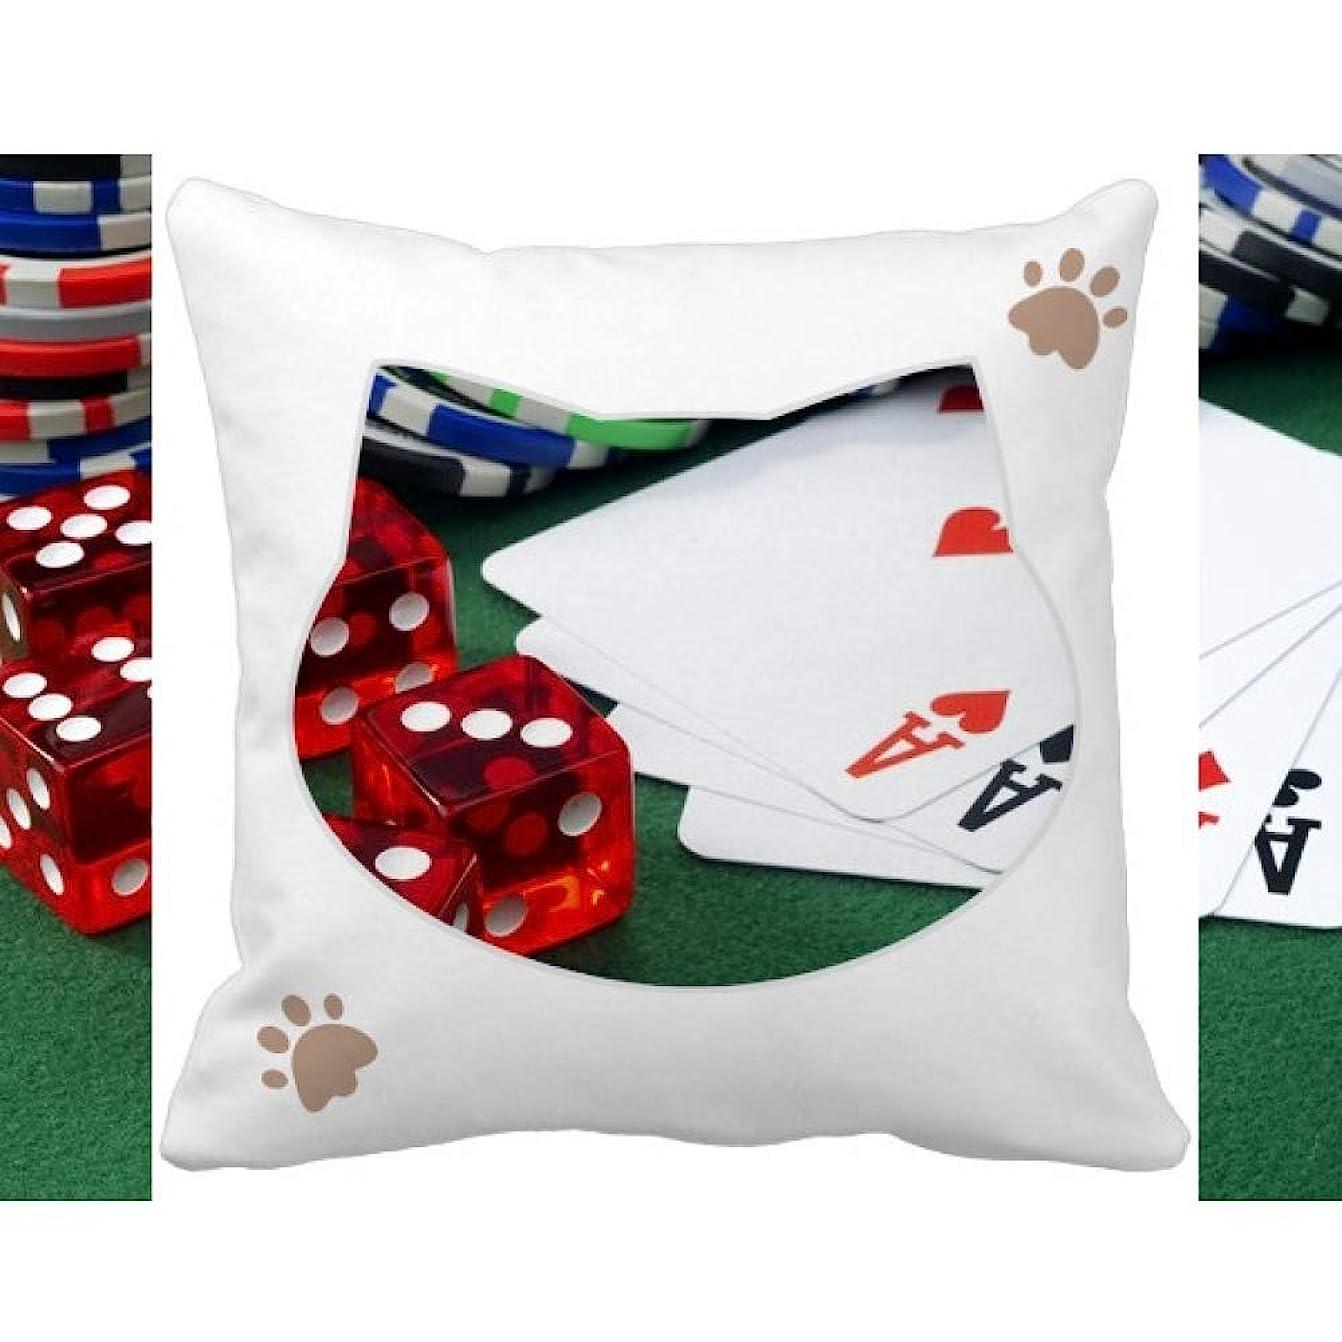 苦悩適用済みレビュアーチップポーカーサイコロ賭博の写真 枕カバーを放り投げる猫広場 50cm x 50cm